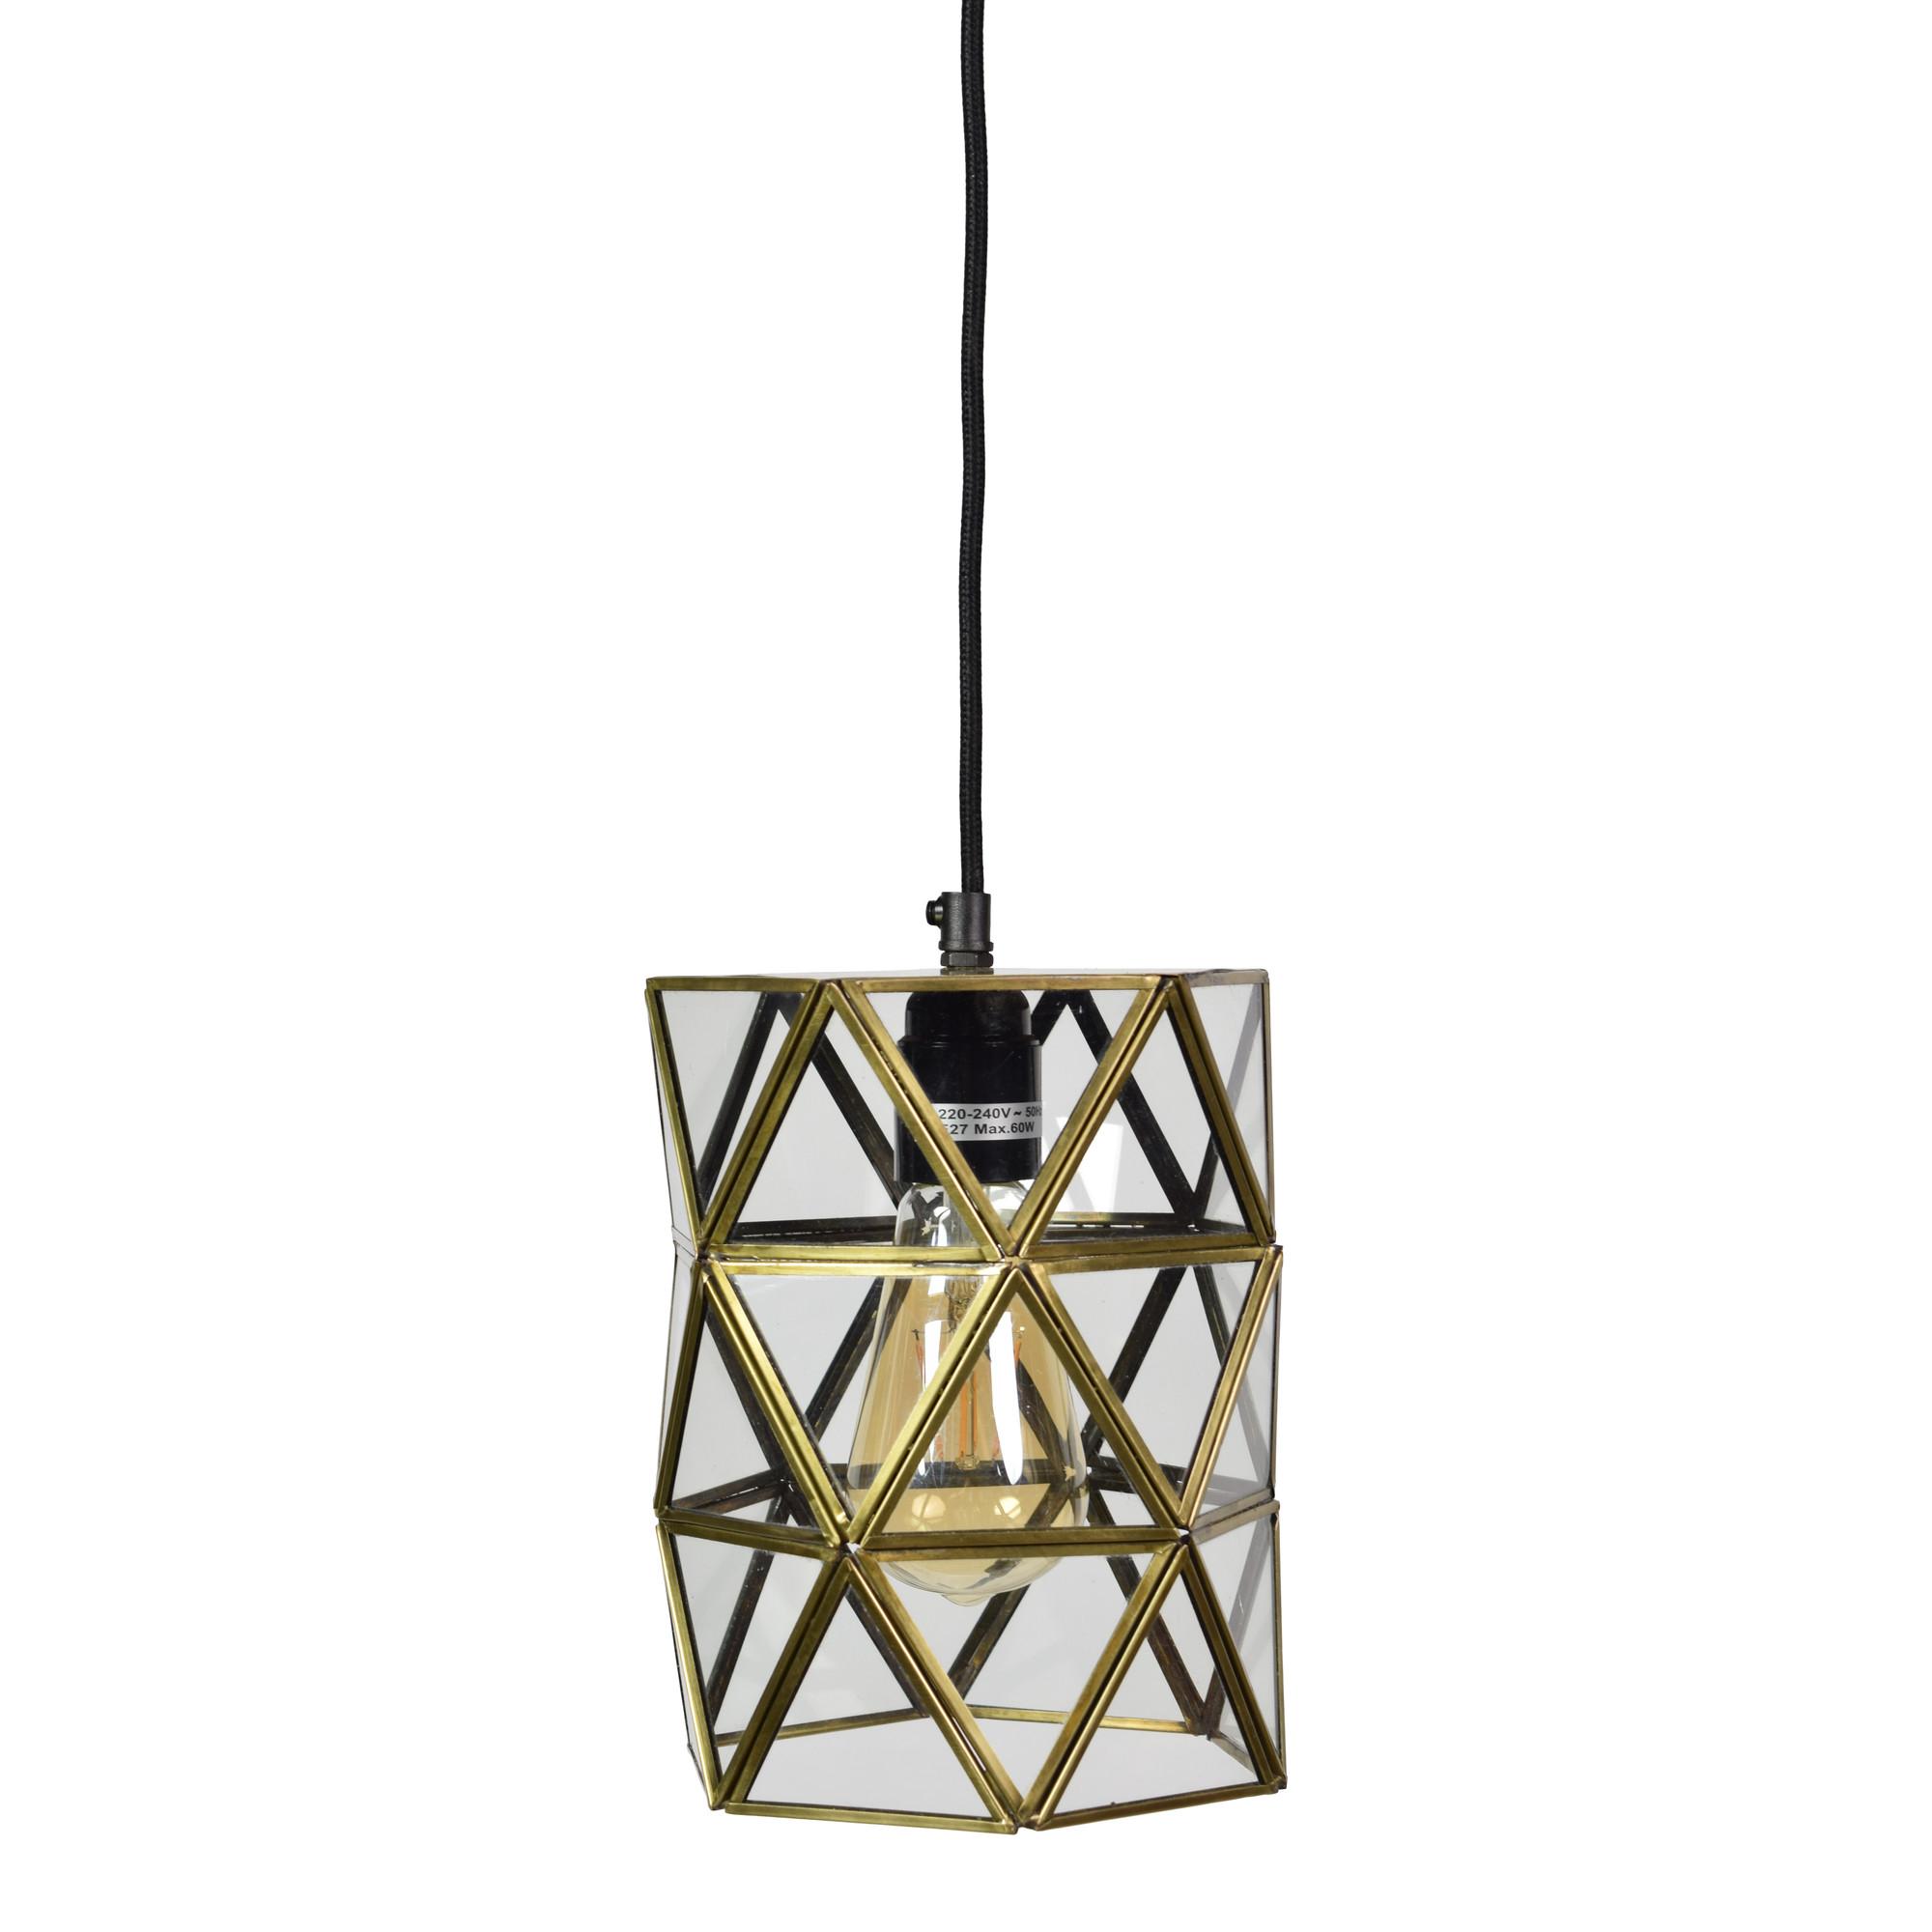 Urban Interiors hanglamp 'Geo3' 15cm, kleur Brass Antique Verlichting | Hanglampen kopen